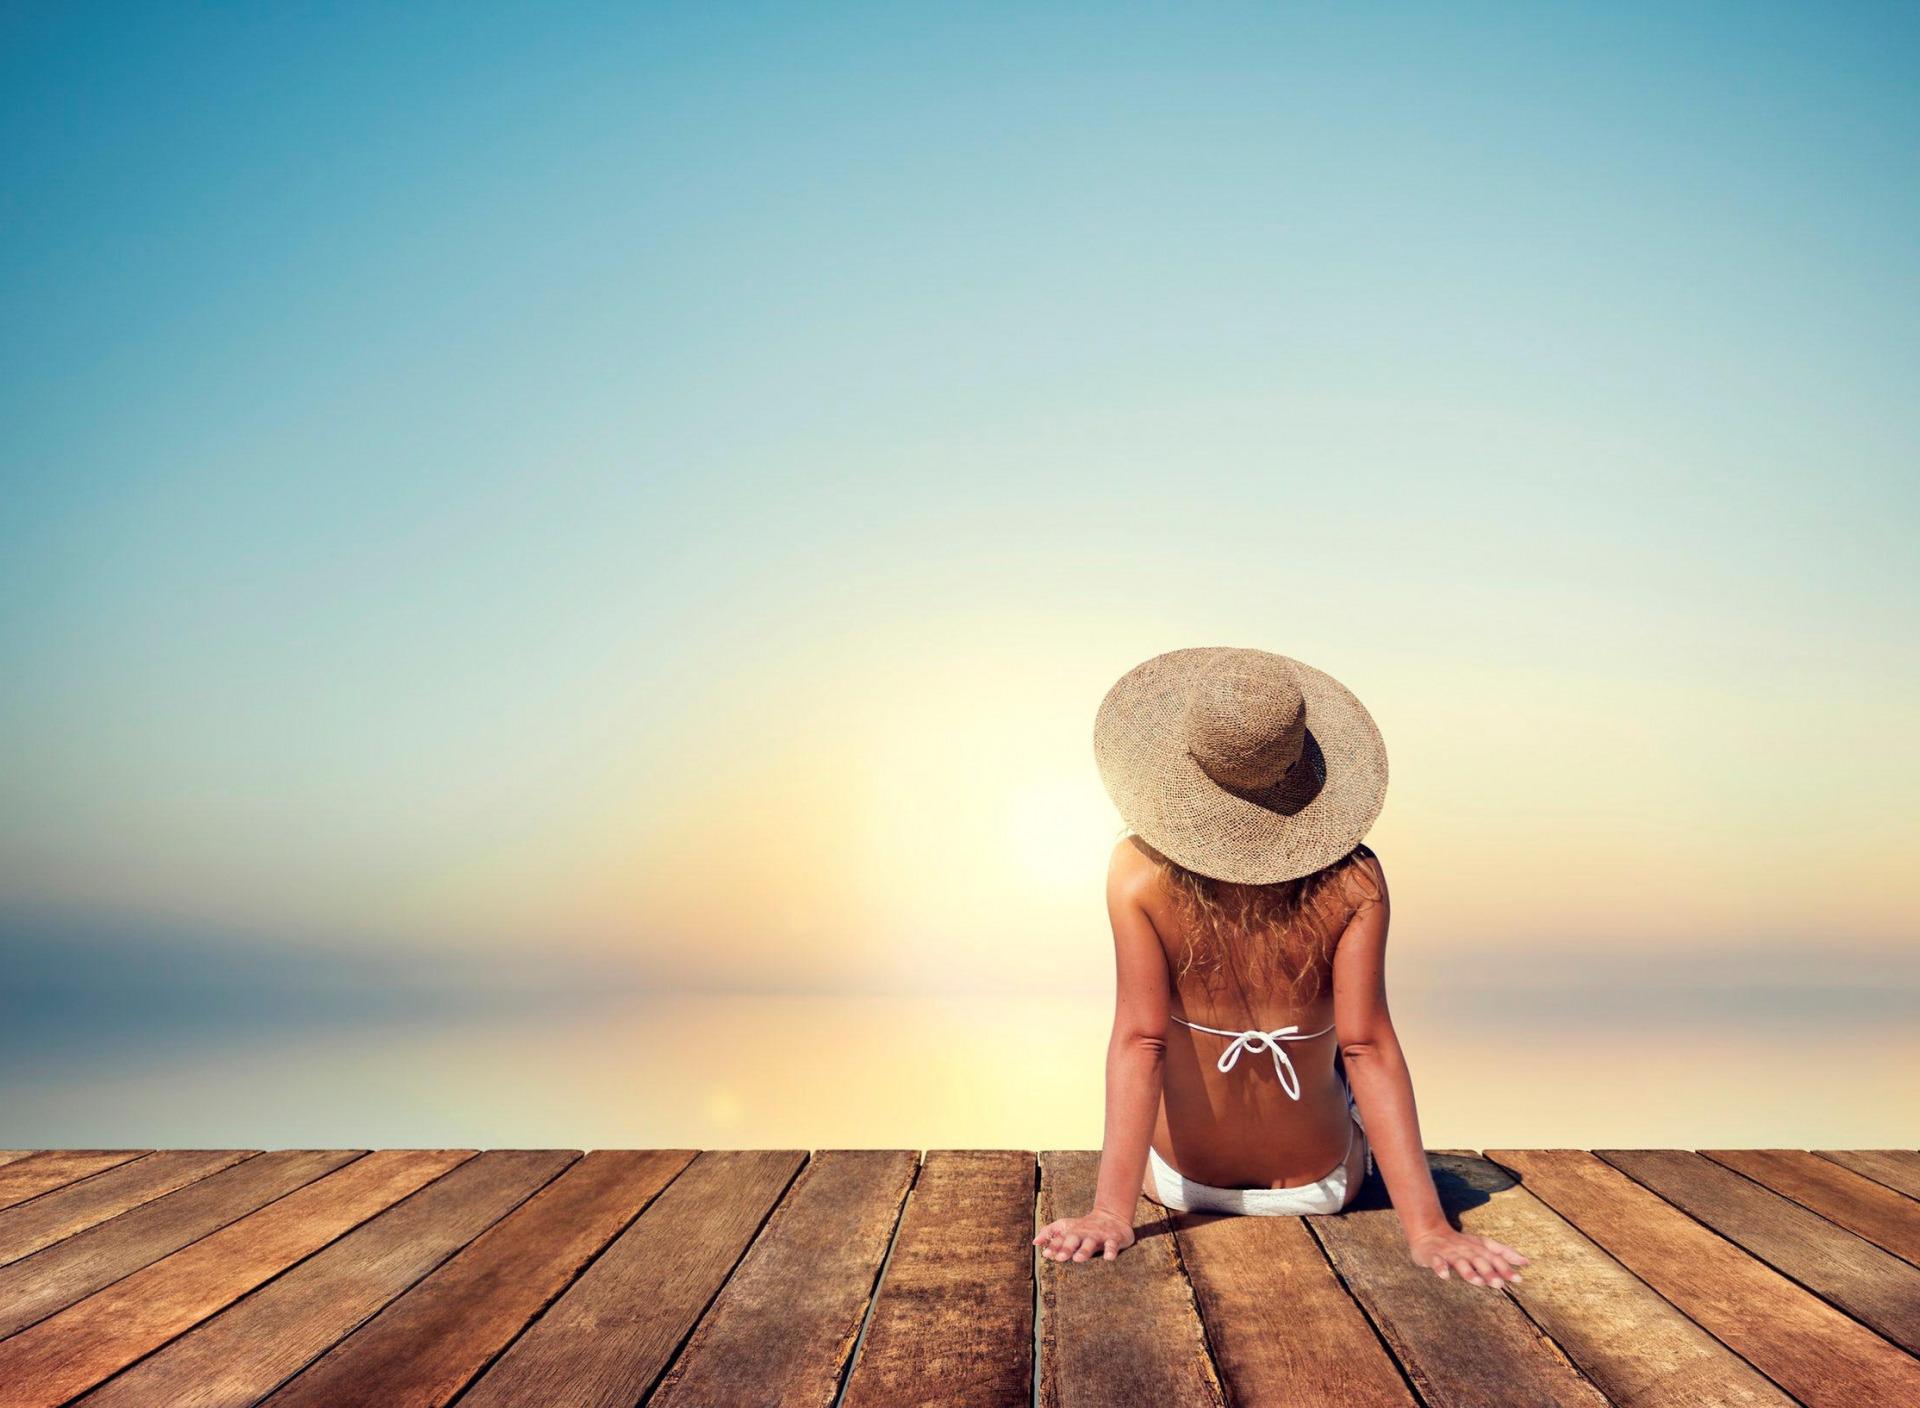 белый фото в шляпах на море без лица вас есть какие-то